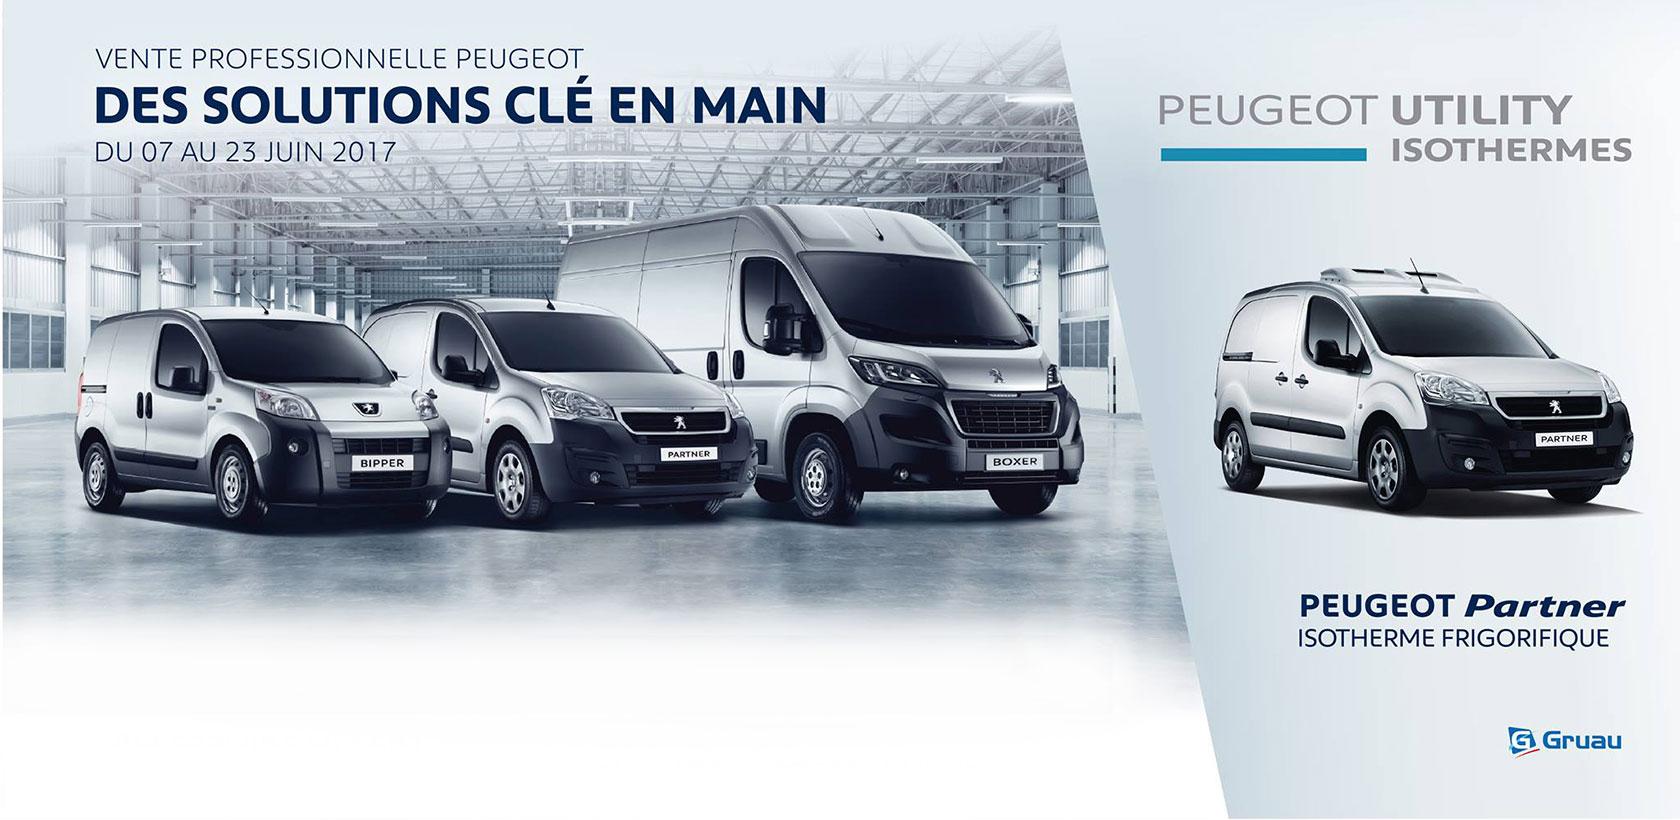 Ne ratez pas les Ventes Professionnelles Peugeot